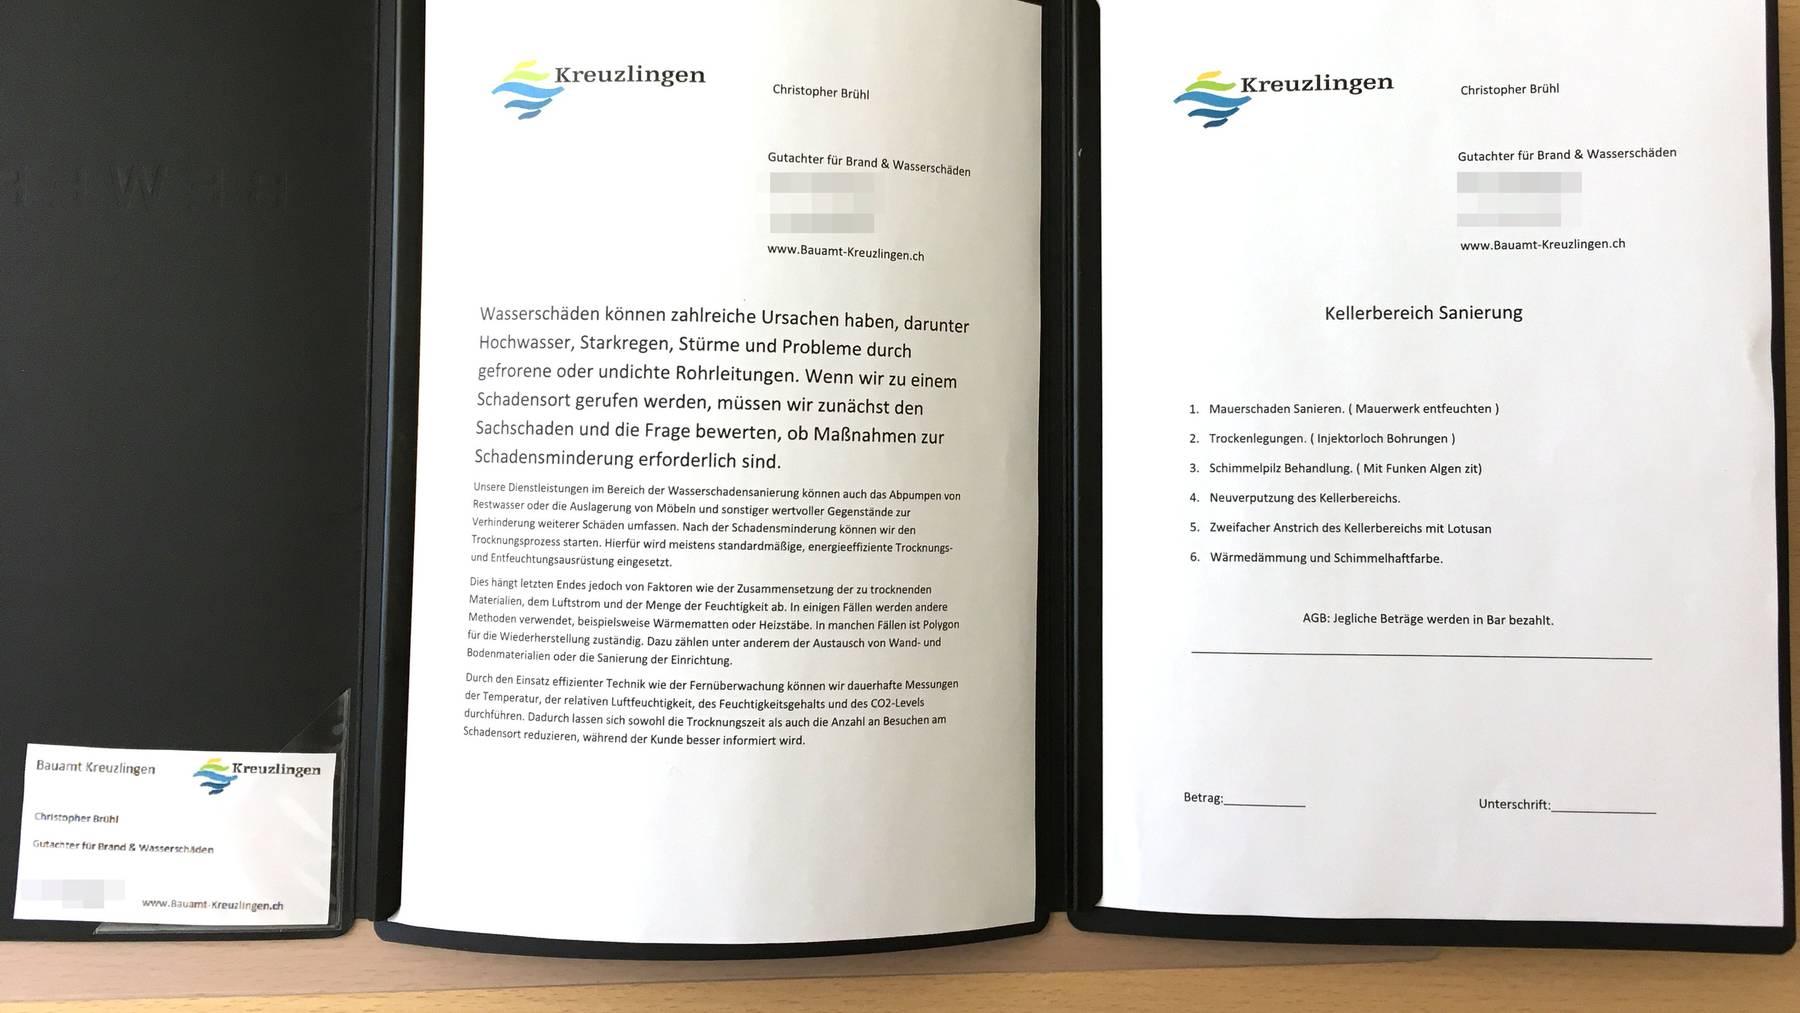 Der vermeintliche Mitarbeiter des EKWs hatte diese Dokumente einer Sanierung bei sich.